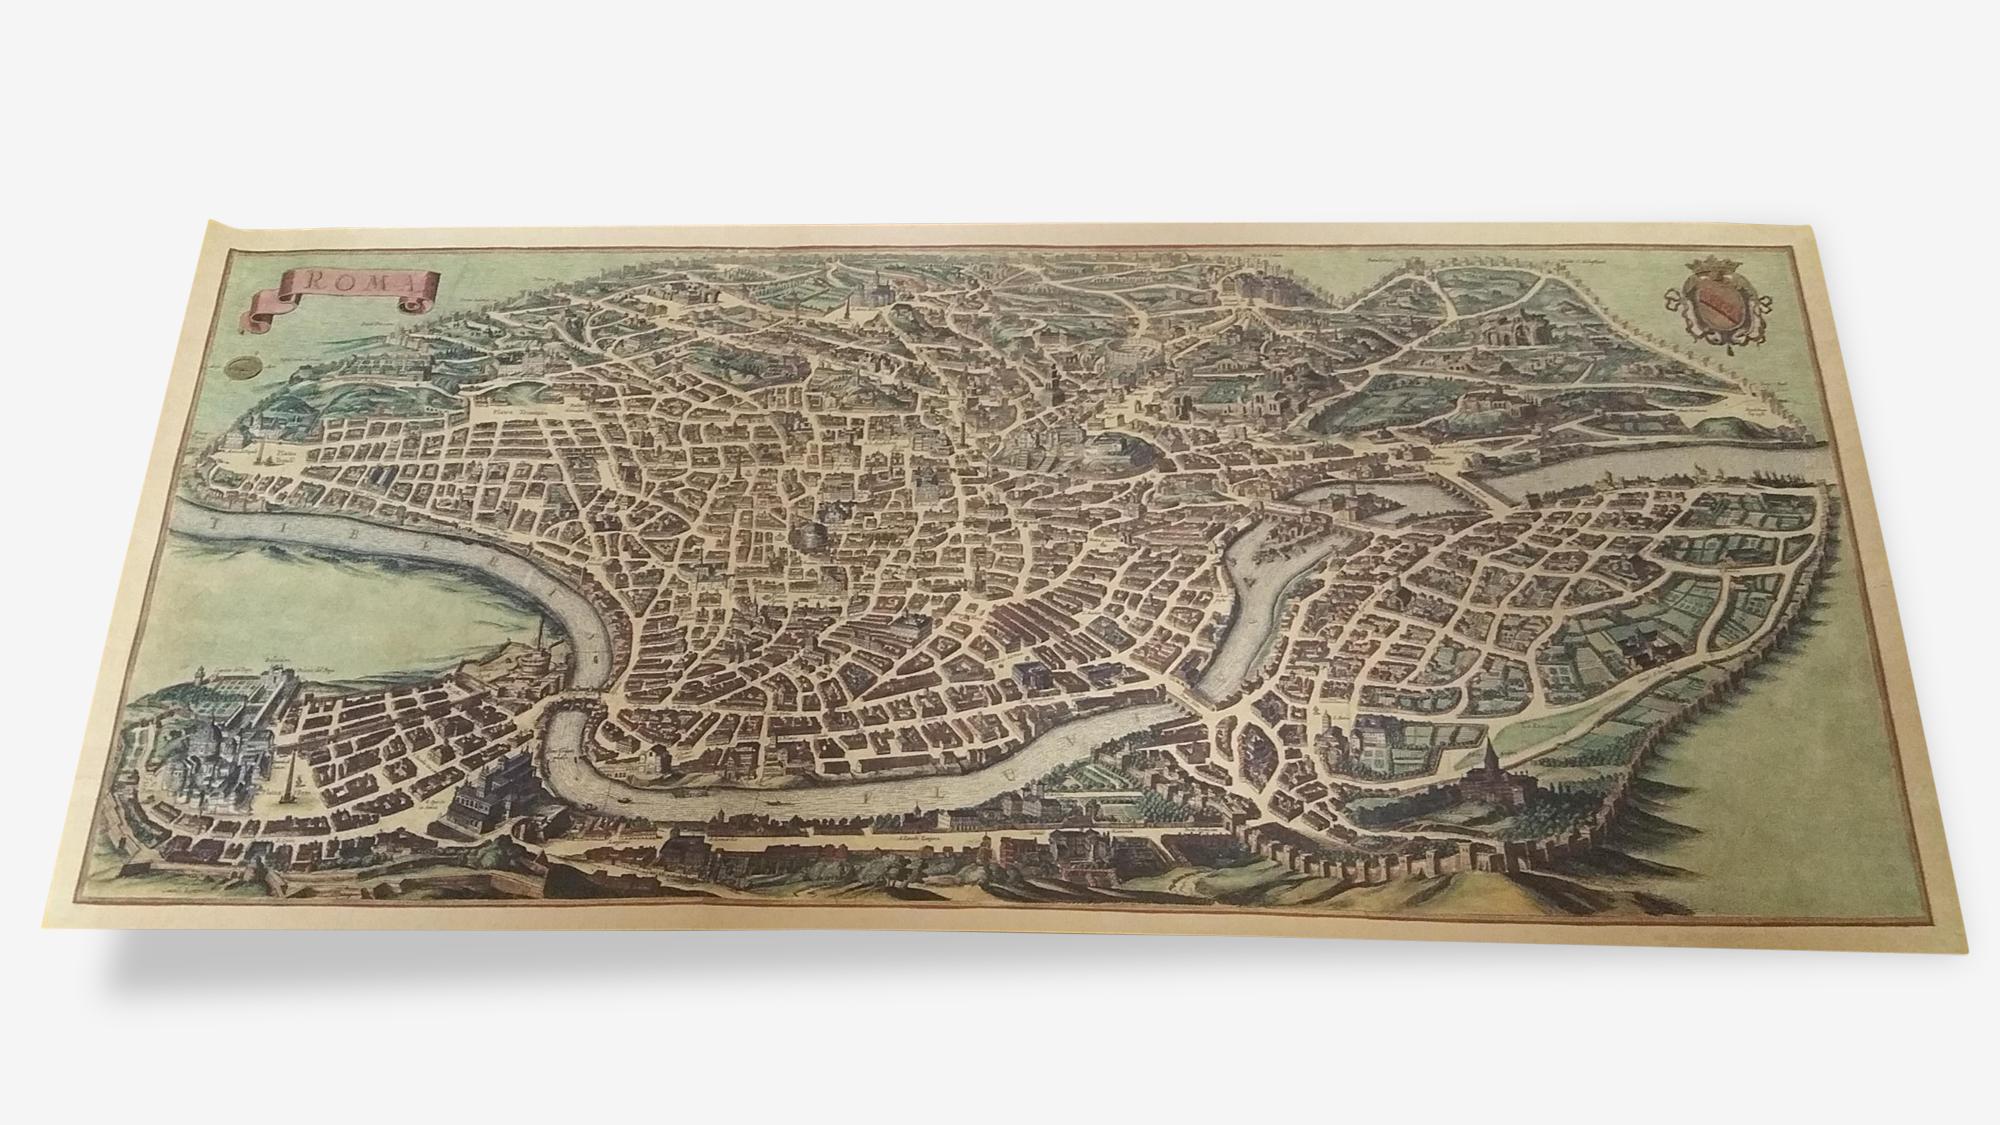 Affiche plan de Rome